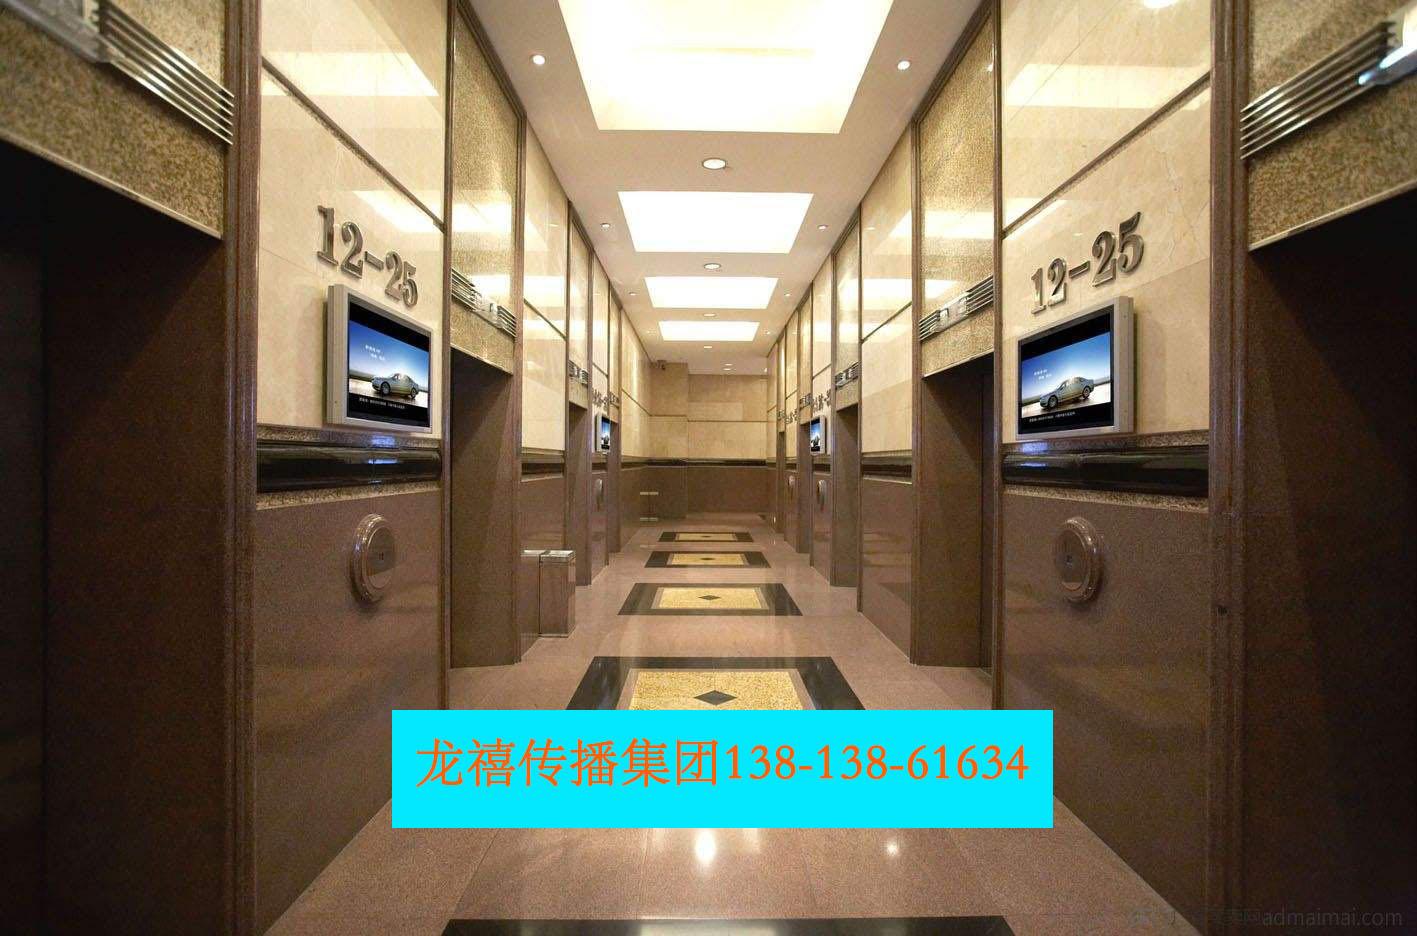 南京市无锡市社区灯箱广告有限公司